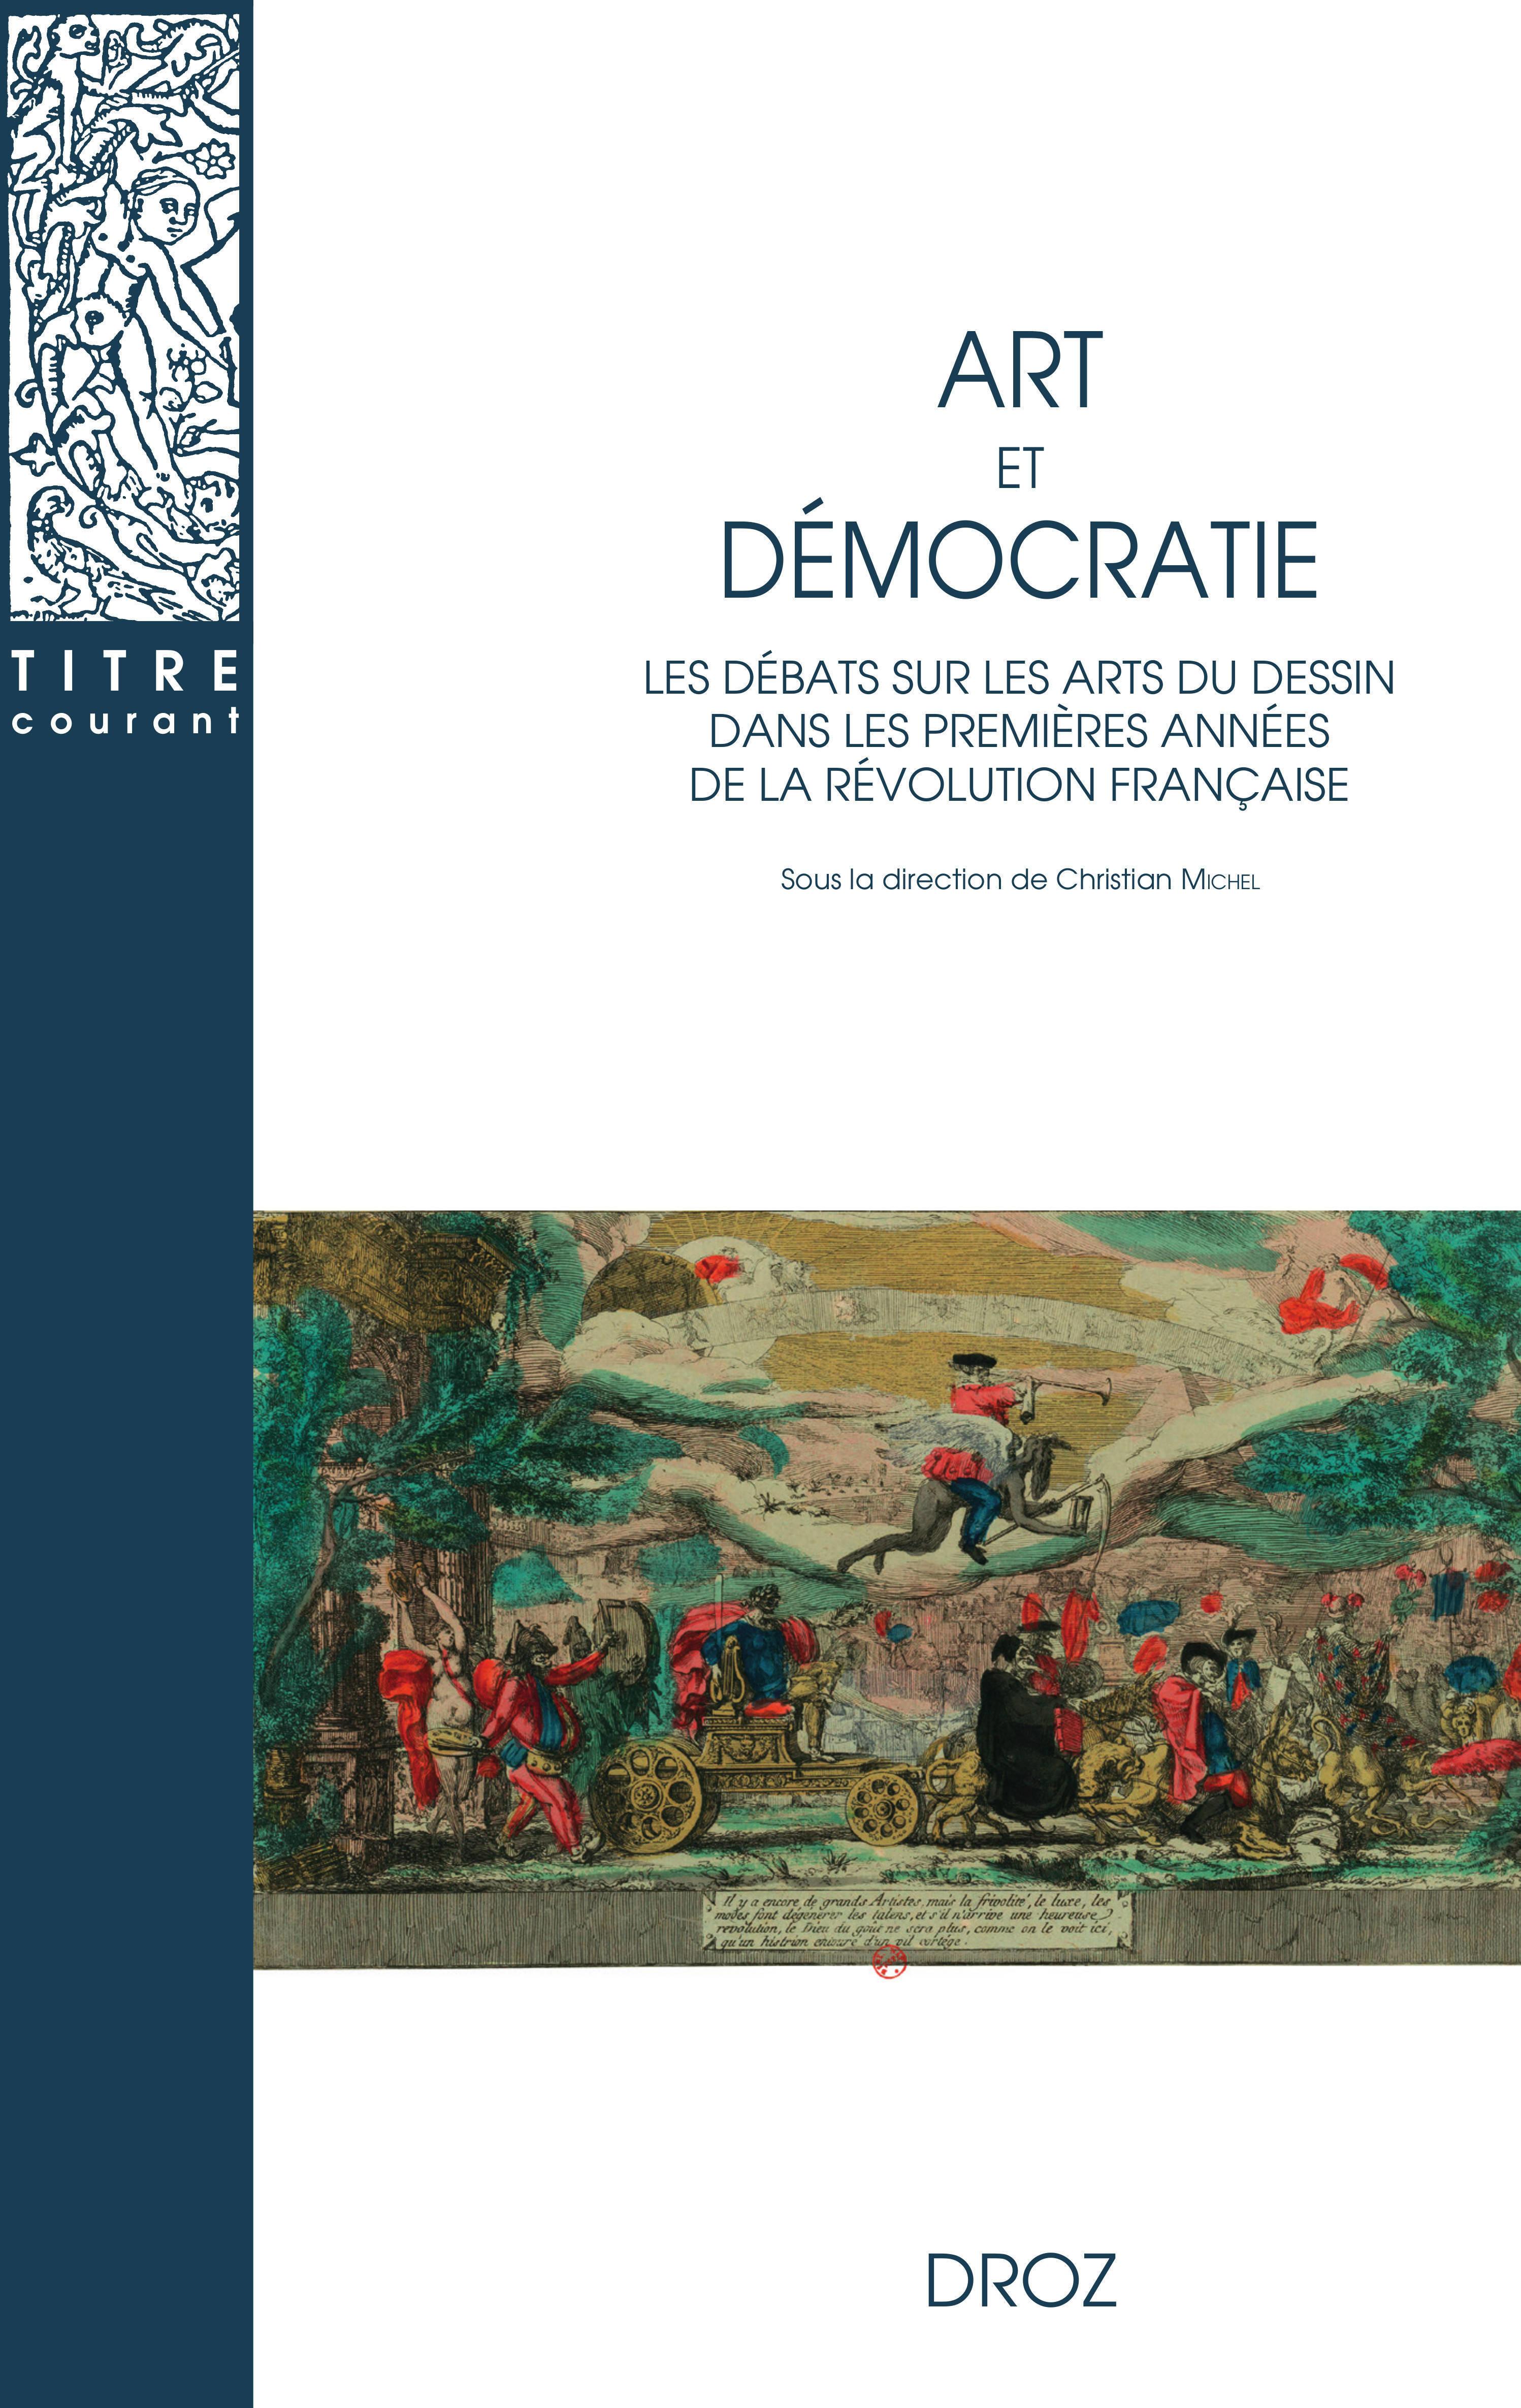 Art et democratie - art et democratie. les debats sur les arts du dessin dans les premieres annees d